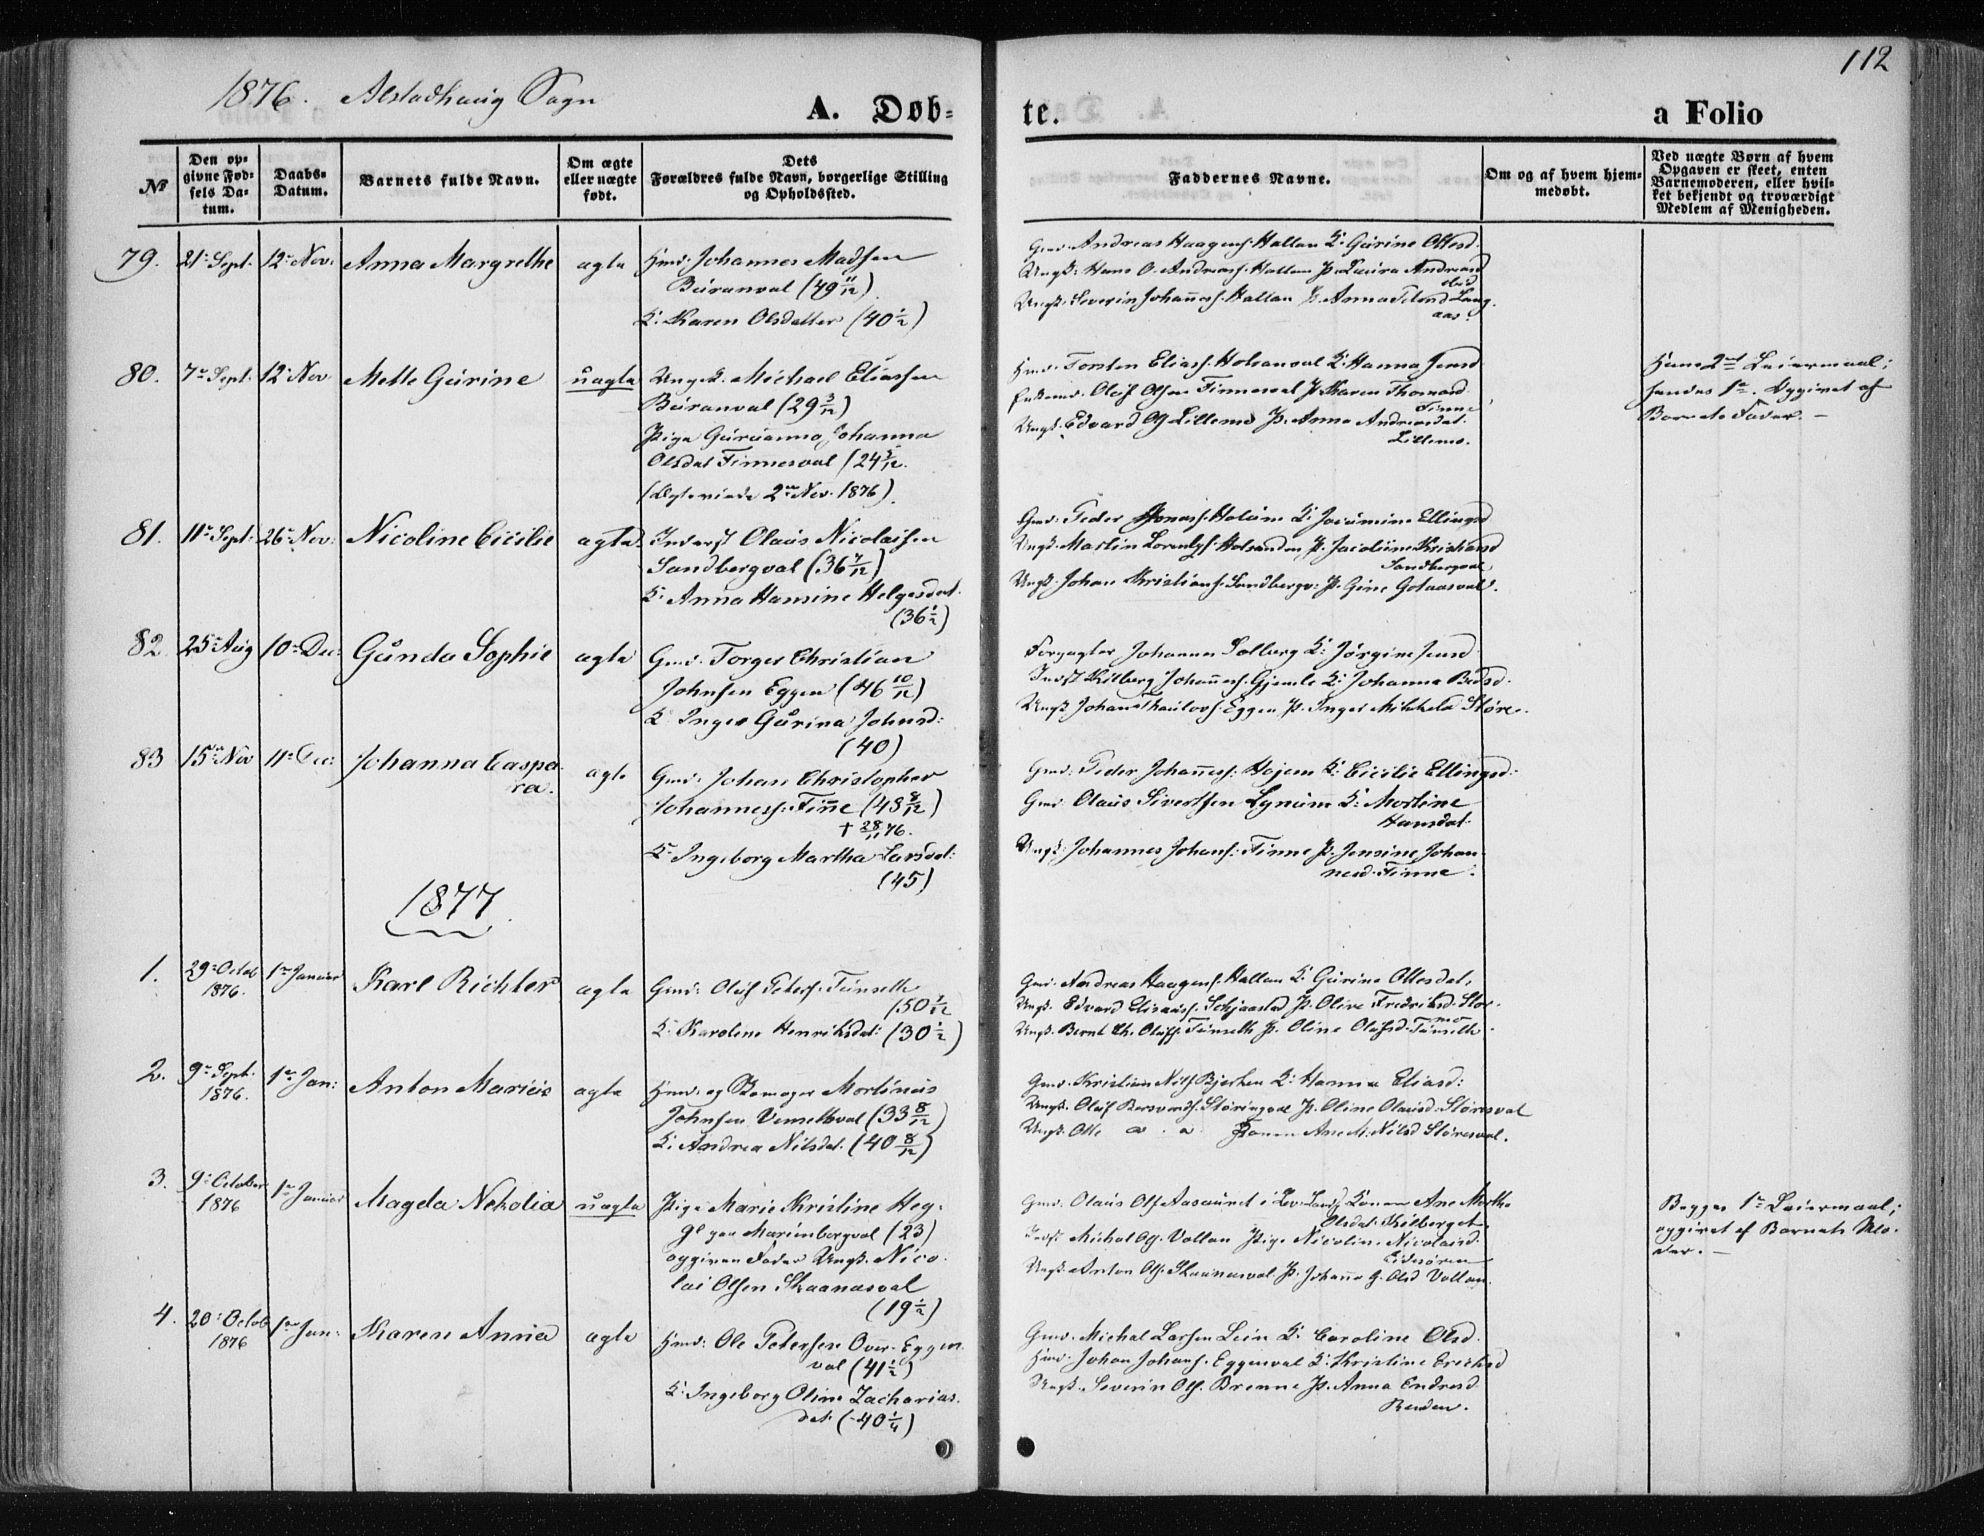 SAT, Ministerialprotokoller, klokkerbøker og fødselsregistre - Nord-Trøndelag, 717/L0157: Ministerialbok nr. 717A08 /1, 1863-1877, s. 112